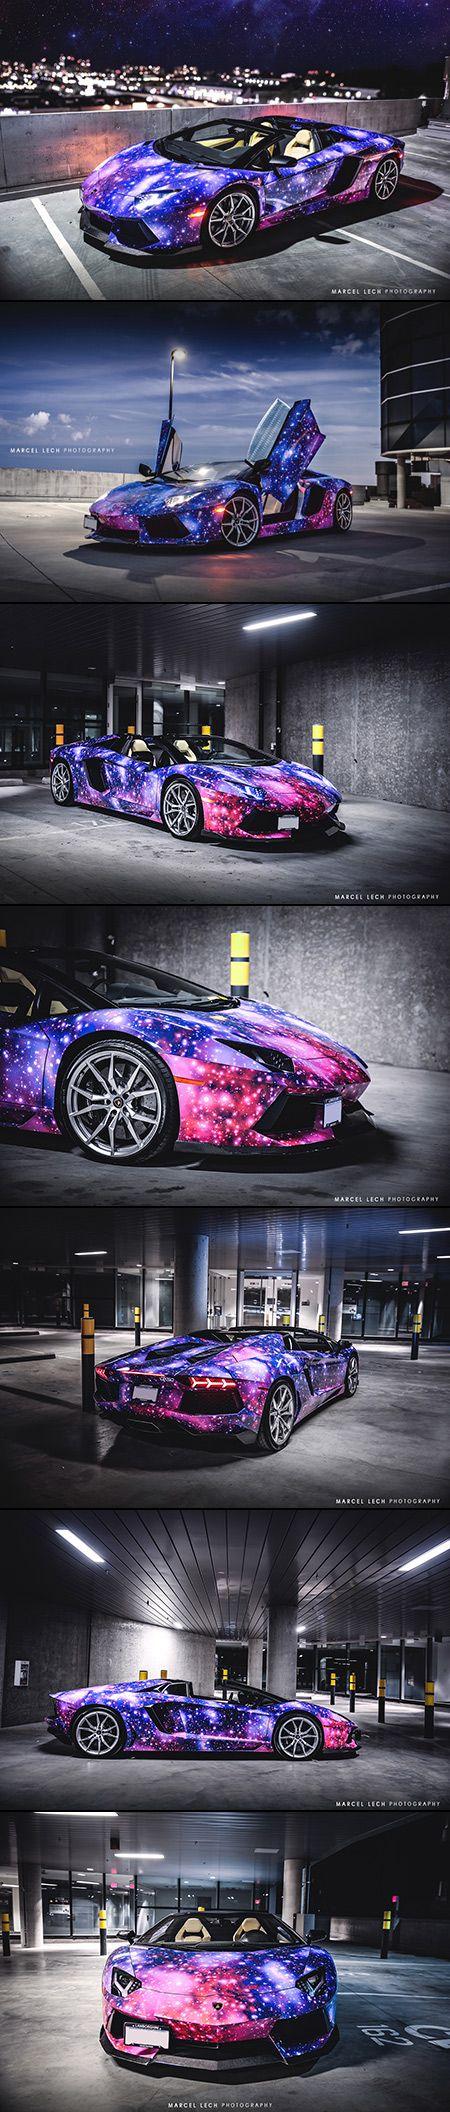 100 Breathtaking Lamborghini Photos to add to your collection visit svpicks.com/... alles für Ihren Erfolg - www.ratsucher.de